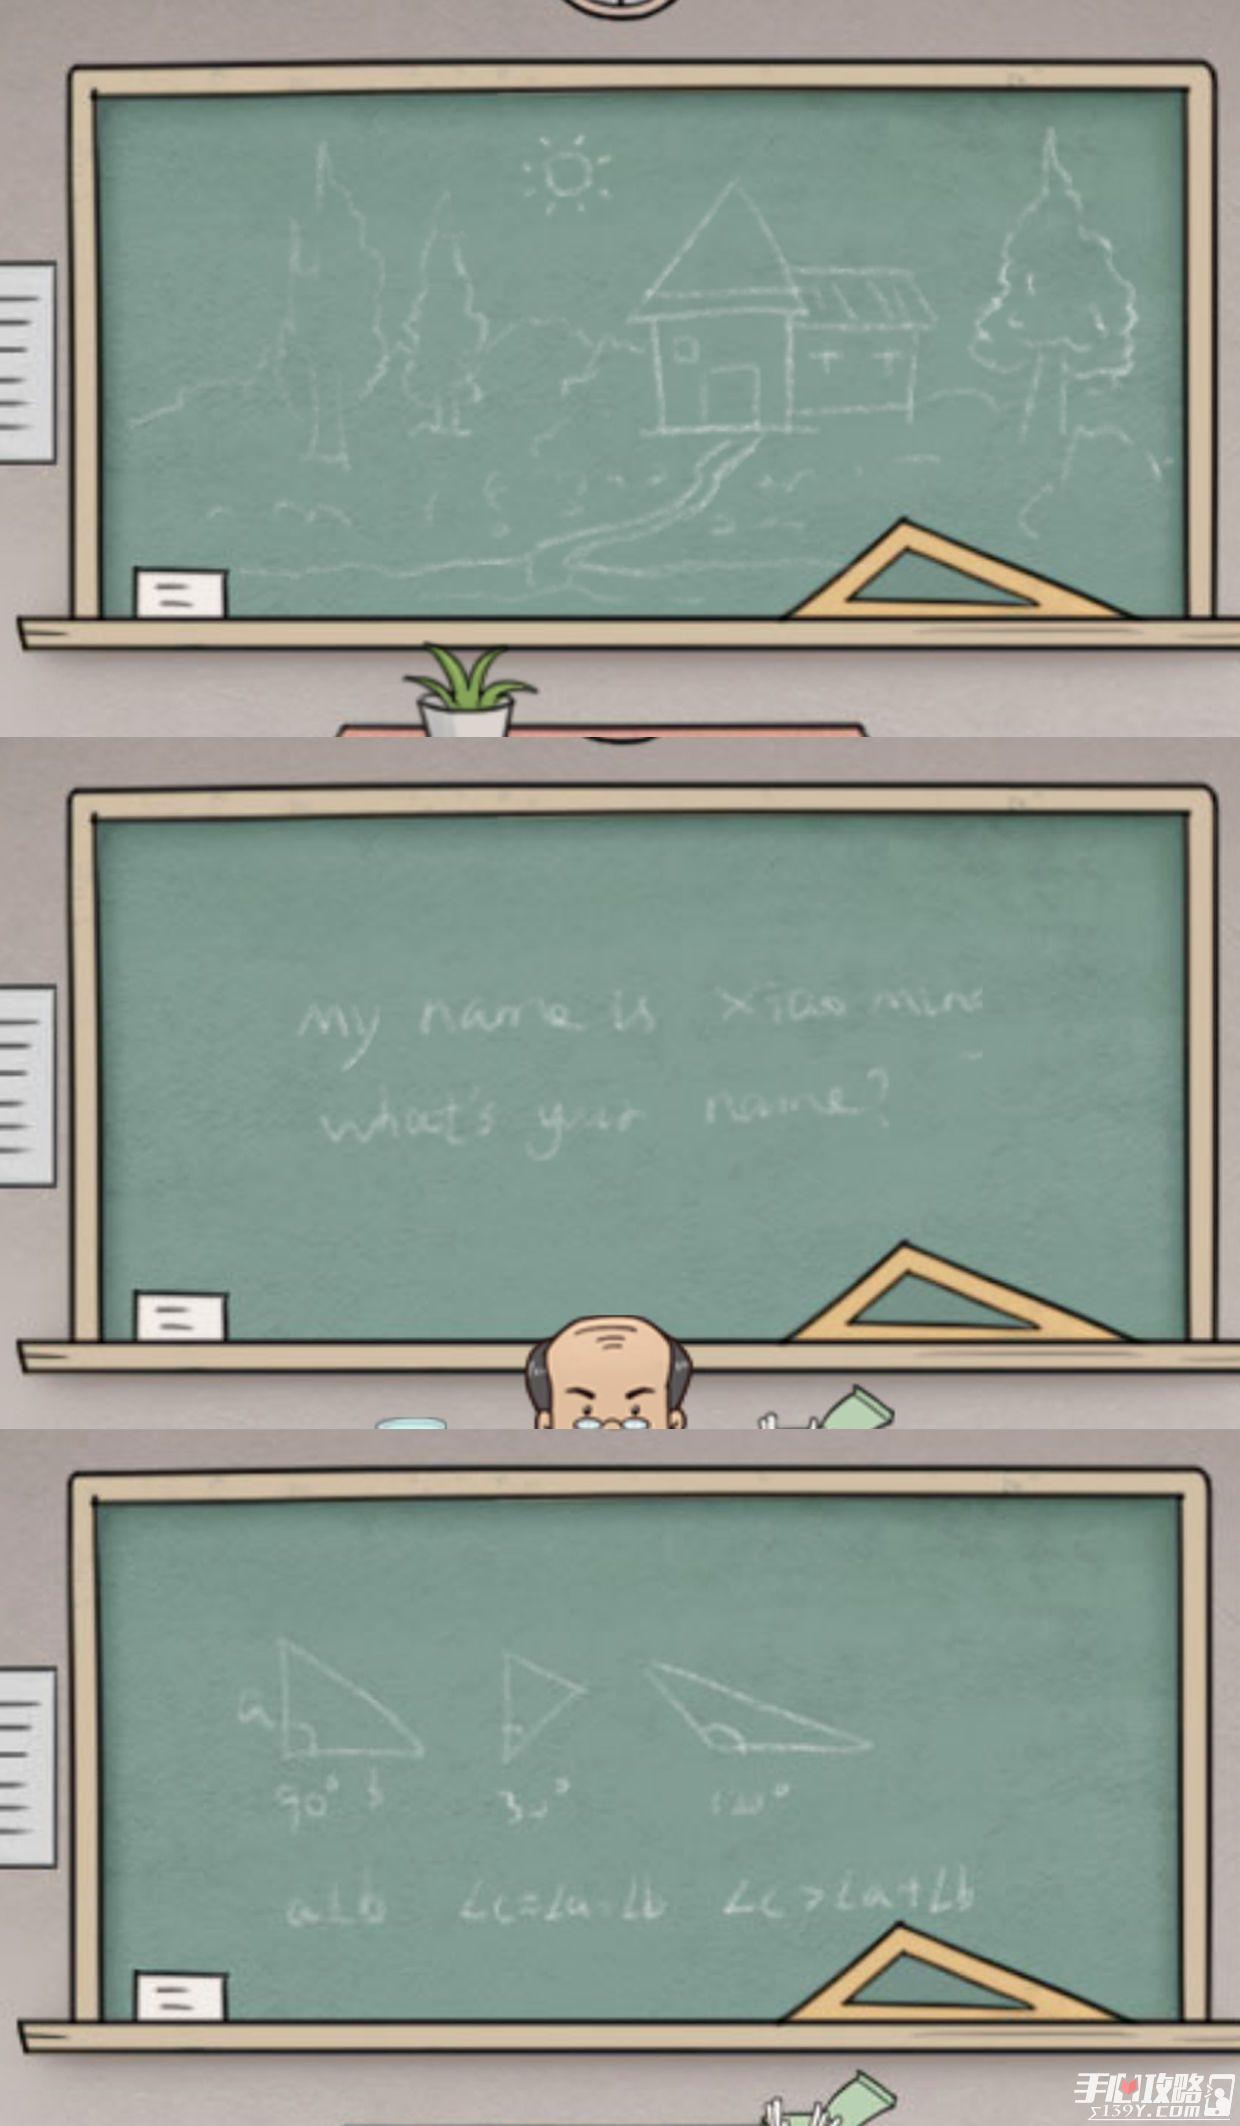 《我的逃课大作战》手游测评 逃课生益智又煽情的回头之路4